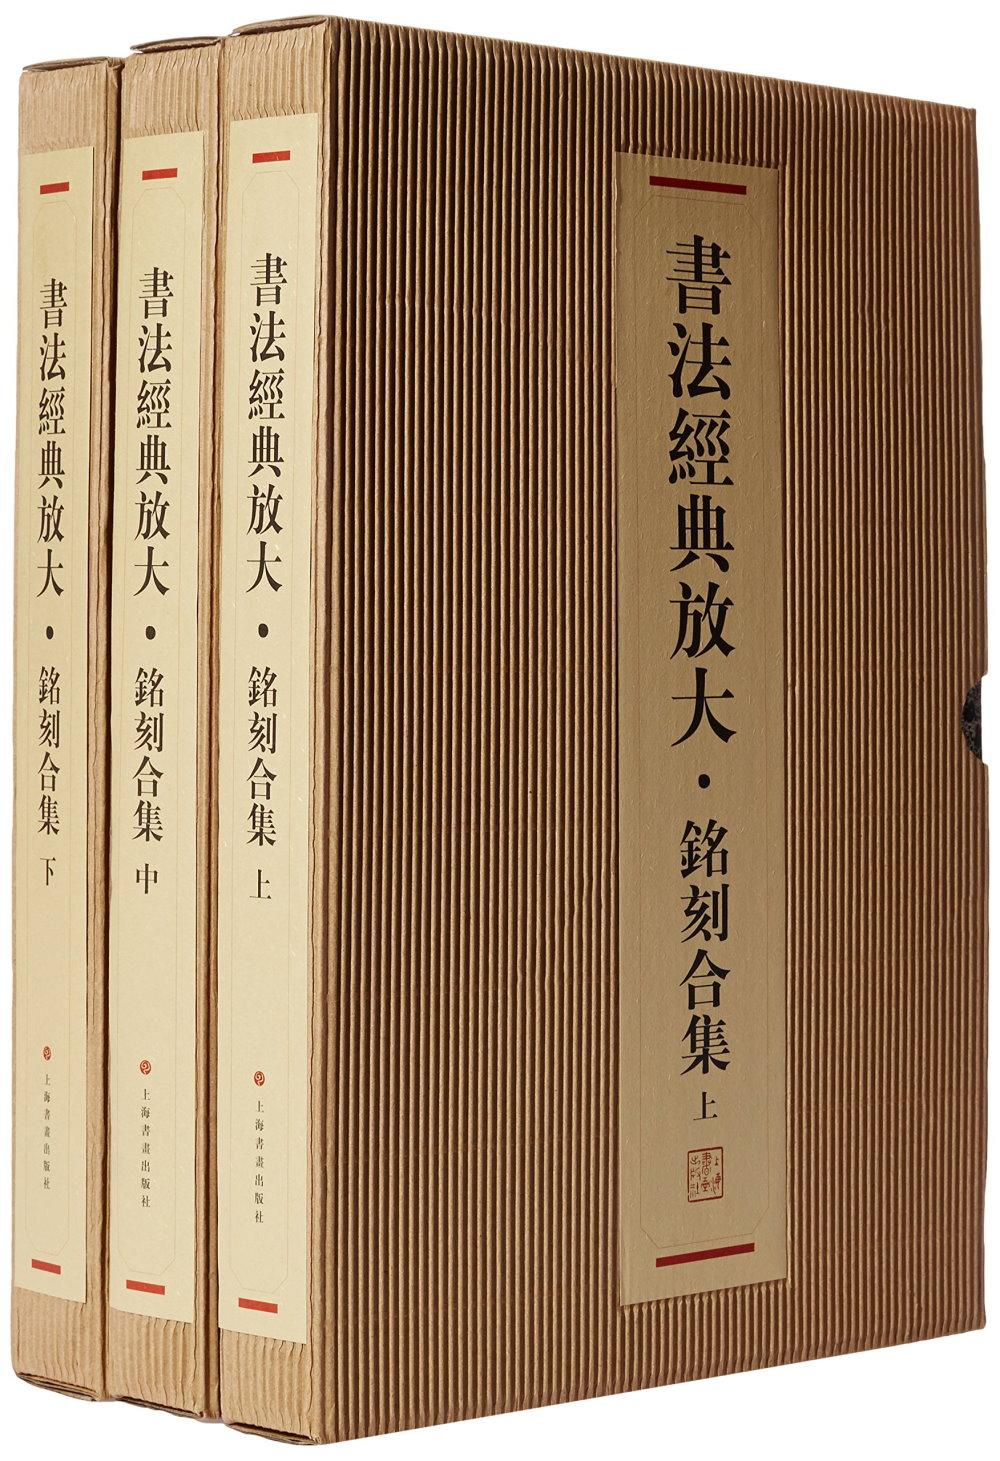 書法經典放大·銘刻合集(上中下三函)